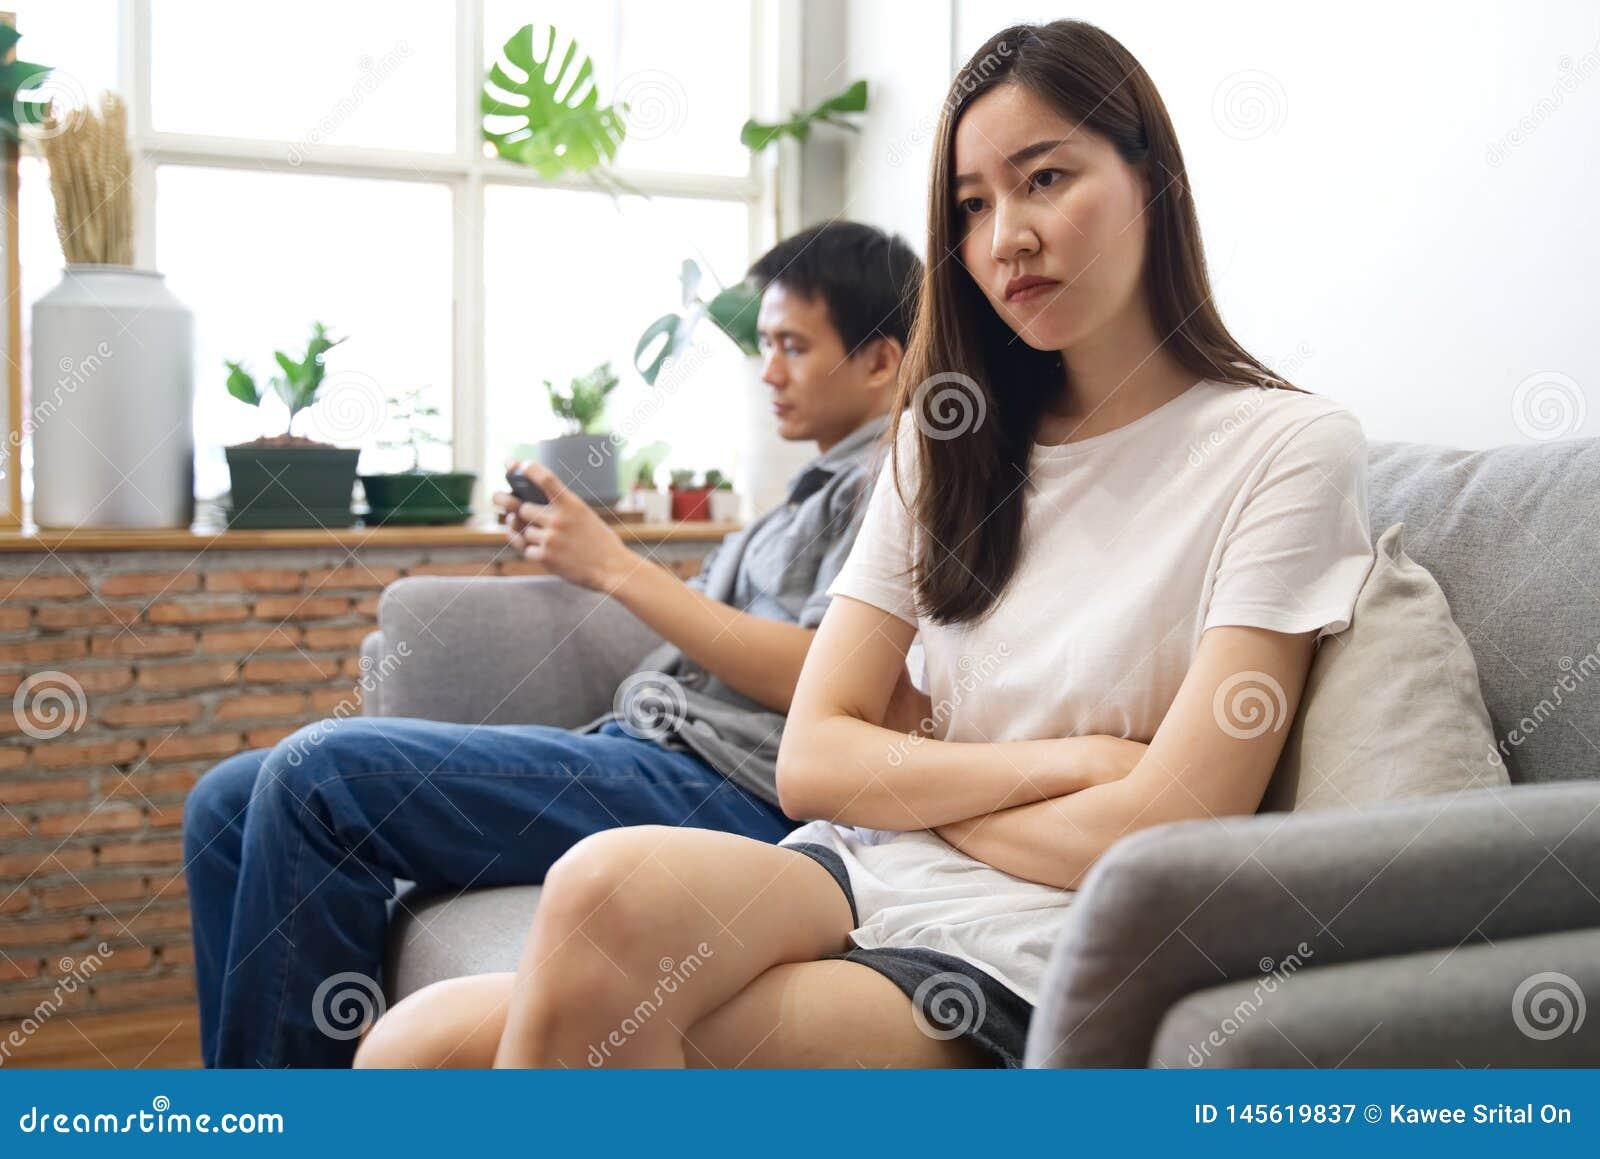 O assento da moça no sofá está sentindo irritado seu noivo